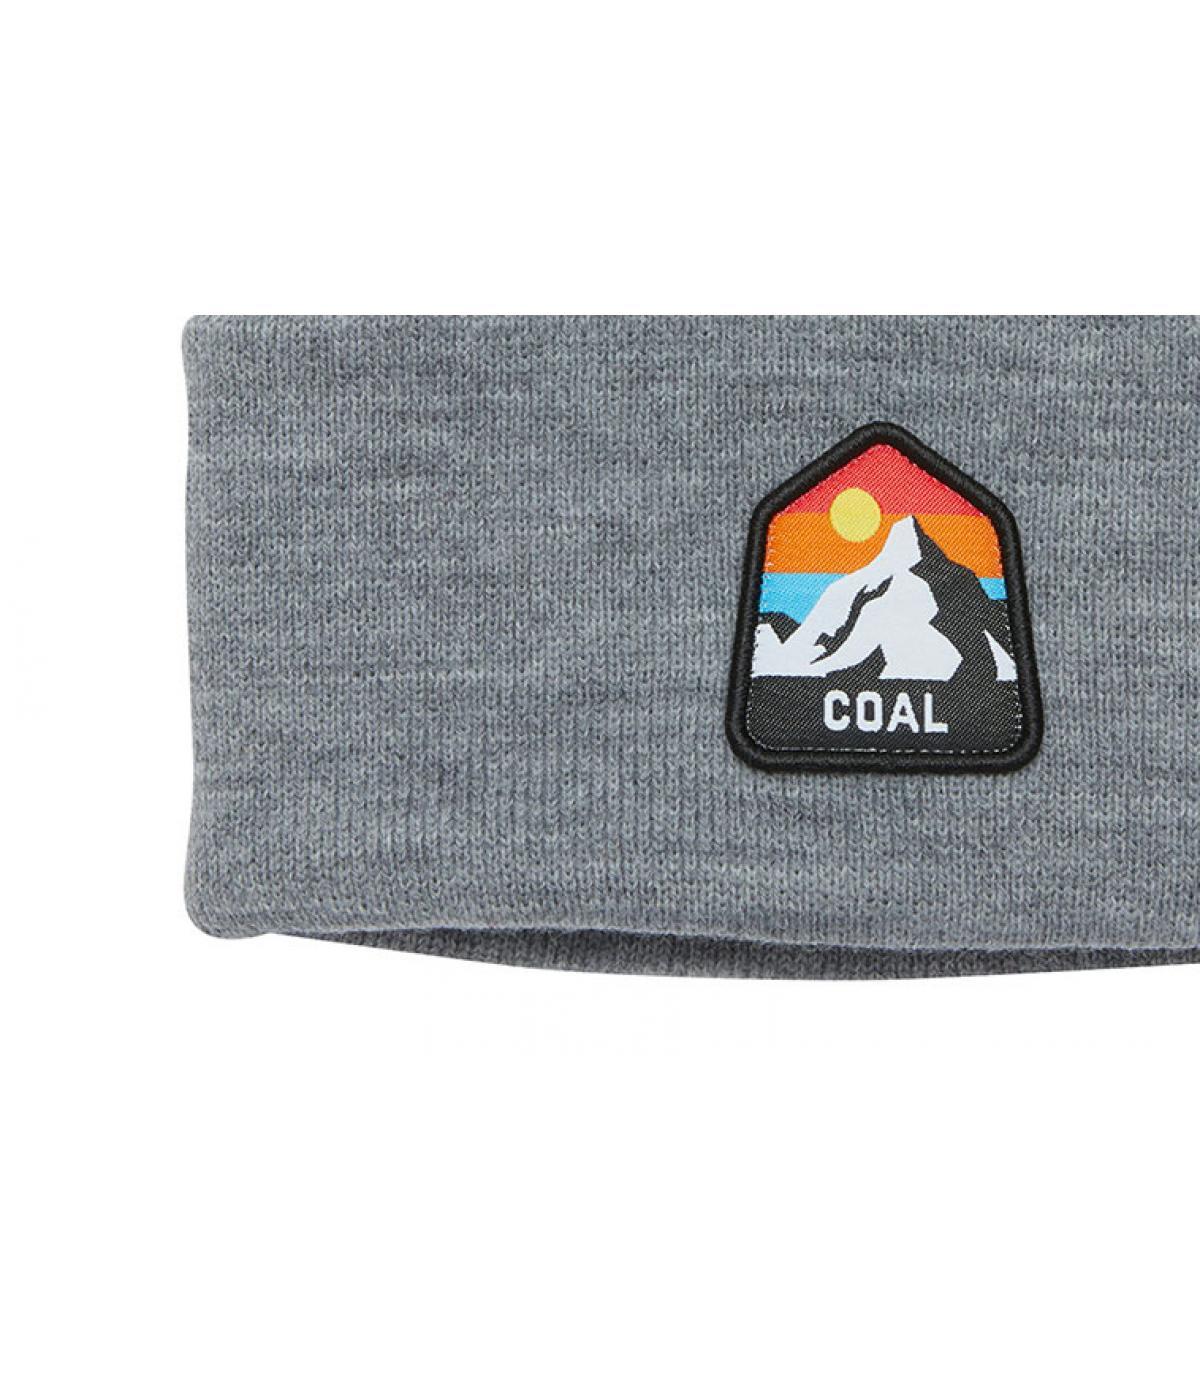 Détails The Peak heather grey - image 3